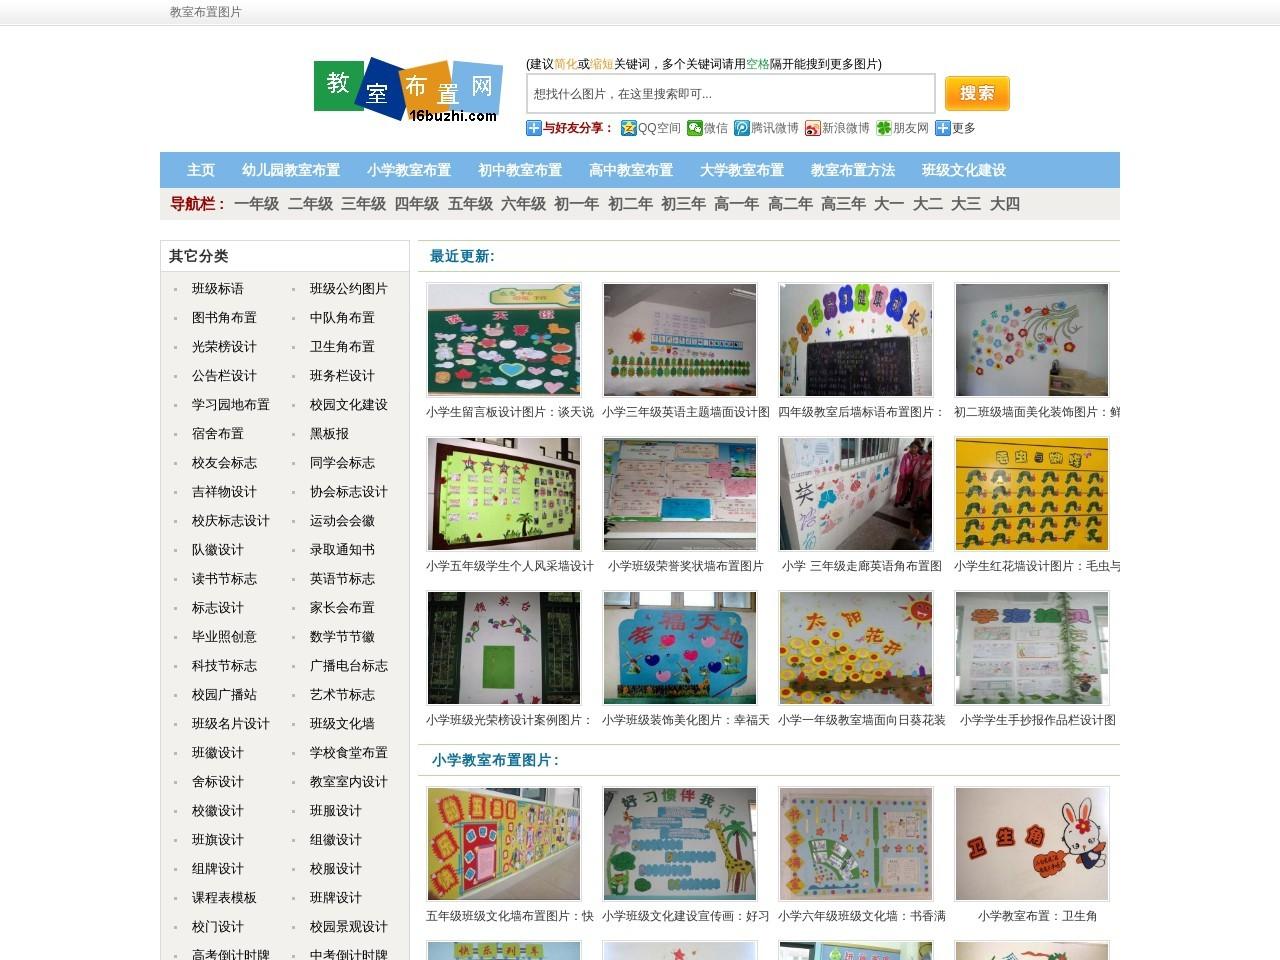 班级布置图片(www.16buzhi.com)